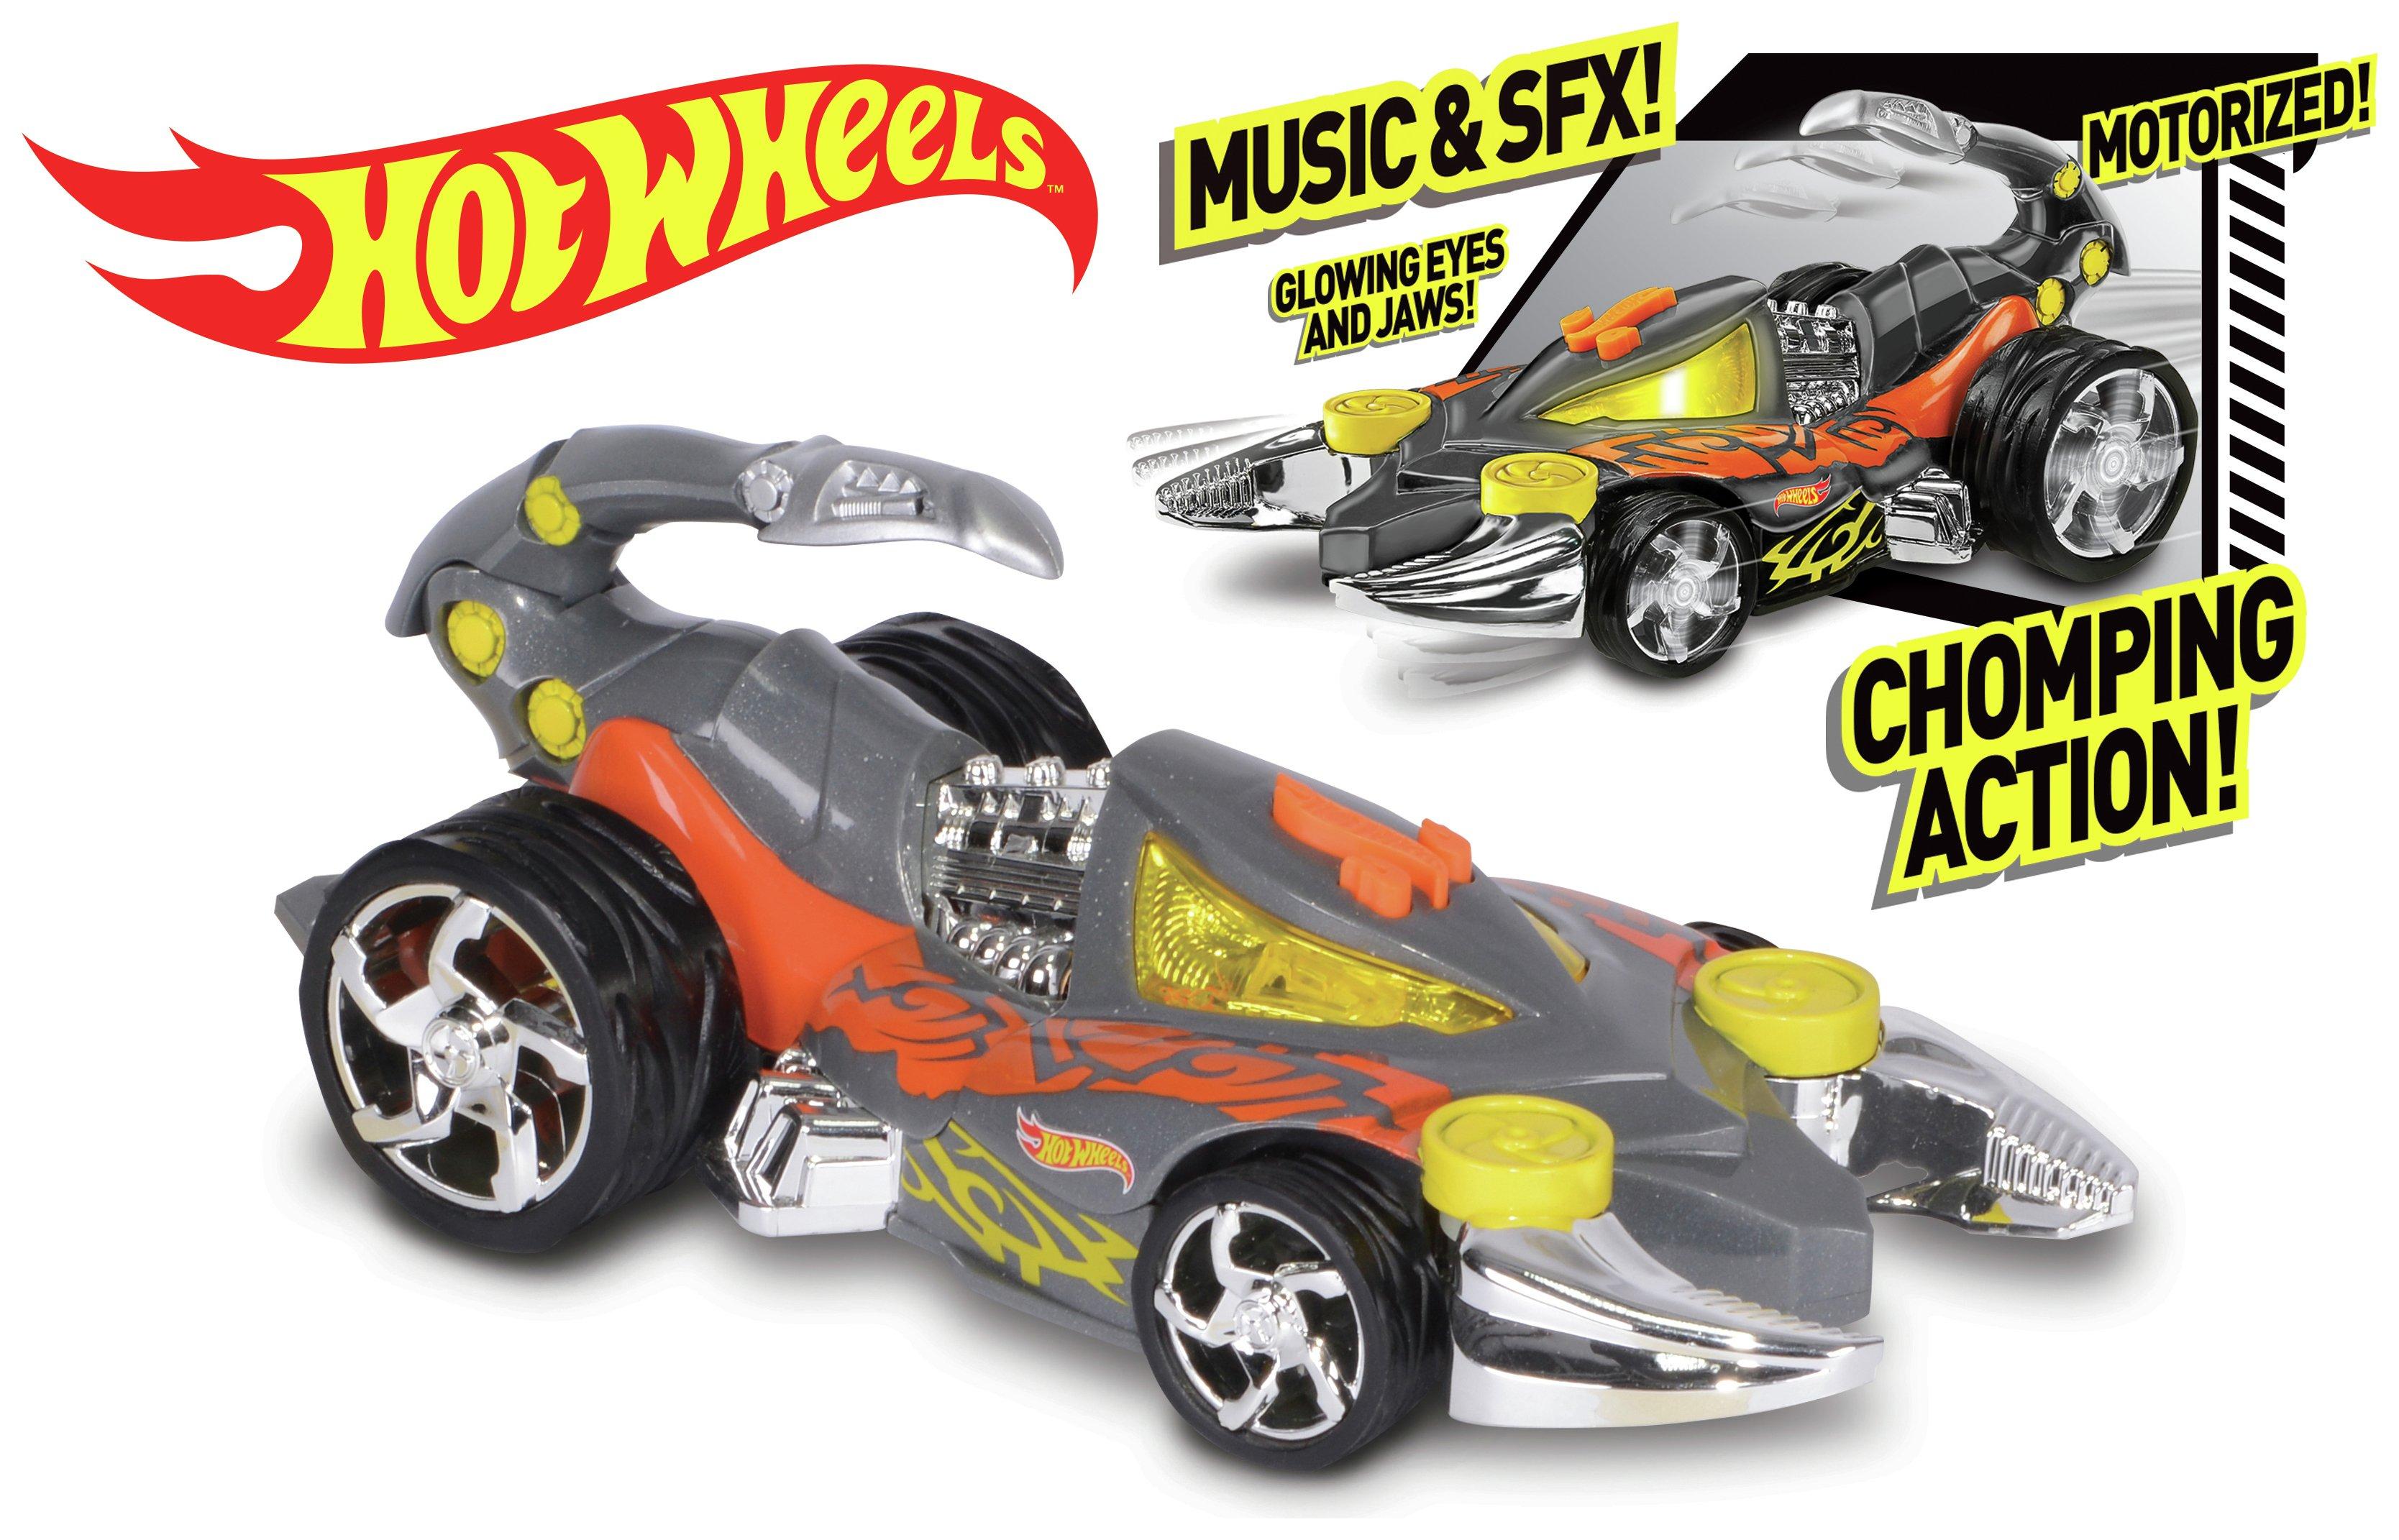 Image of Hot Wheels - Extreme Action Scorpedo.